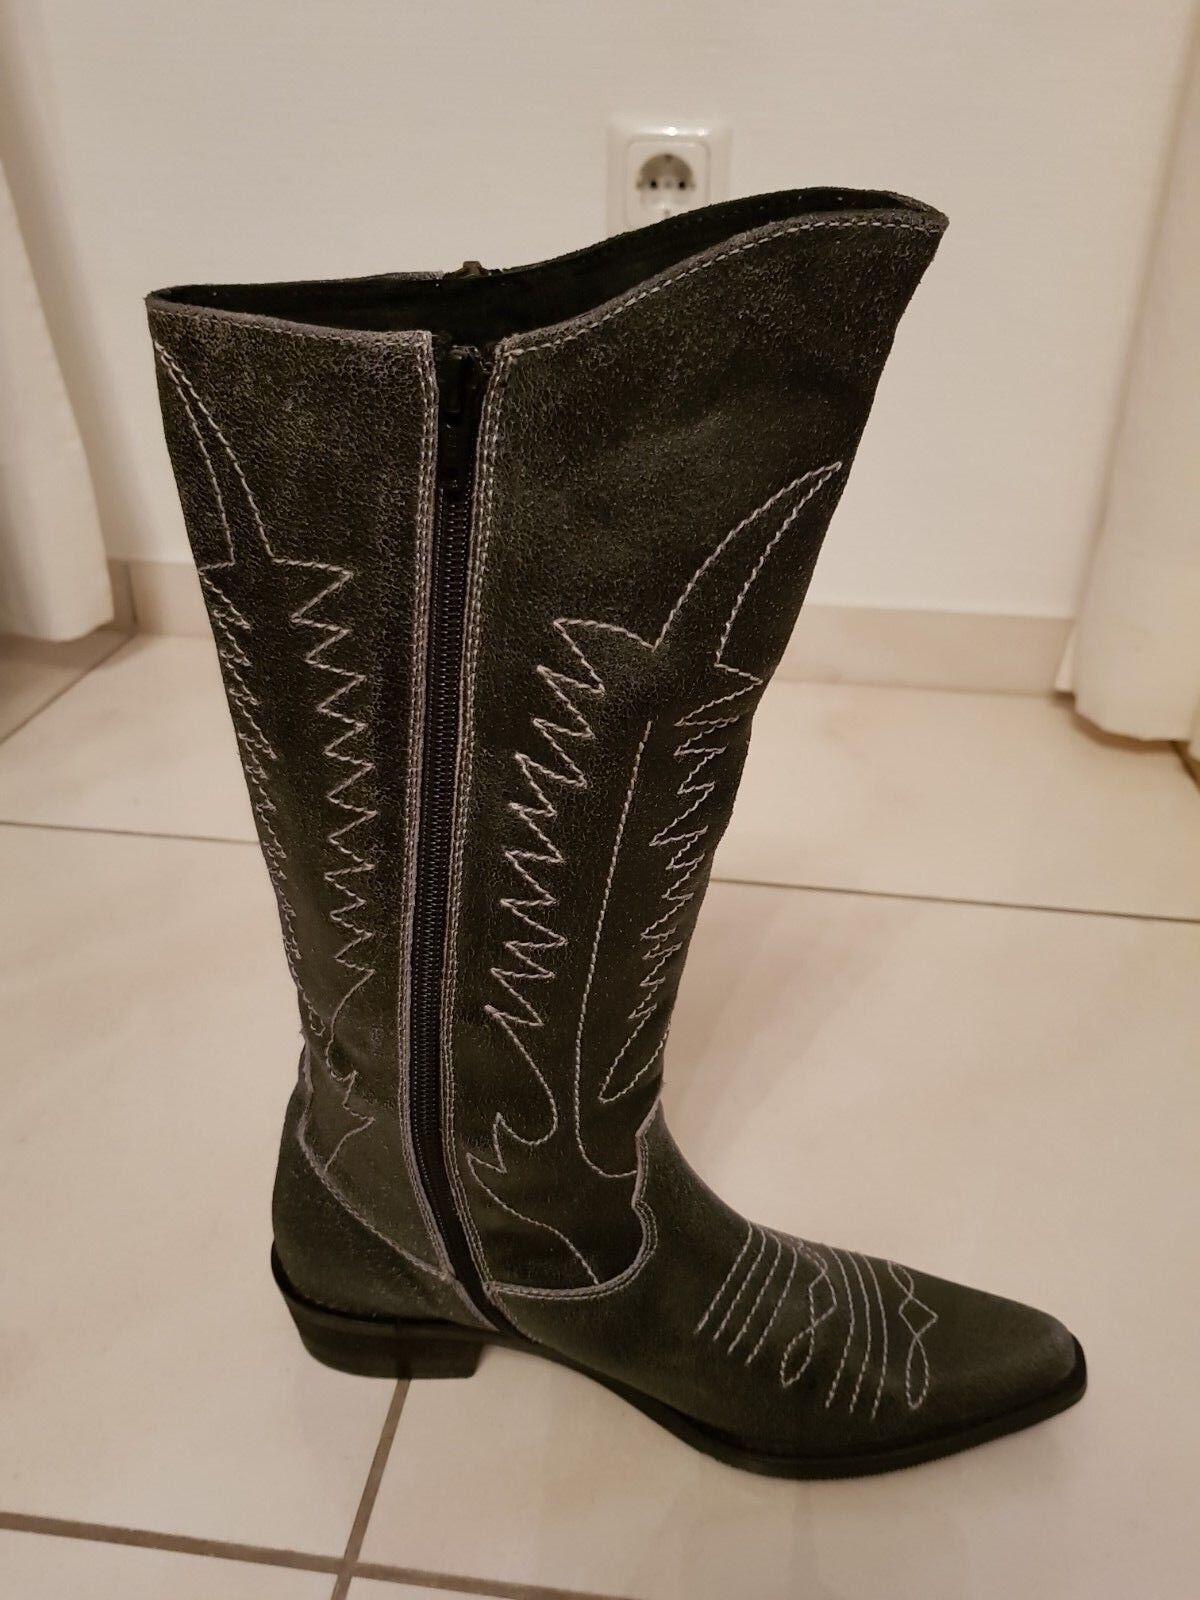 Original My Favourites Westernstiefel Cowboystiefel Cowboystiefel Cowboystiefel Stiefel Leder Gr. 37 NEU wild  | Up-to-date-styling  | Niedriger Preis und gute Qualität  2b1505